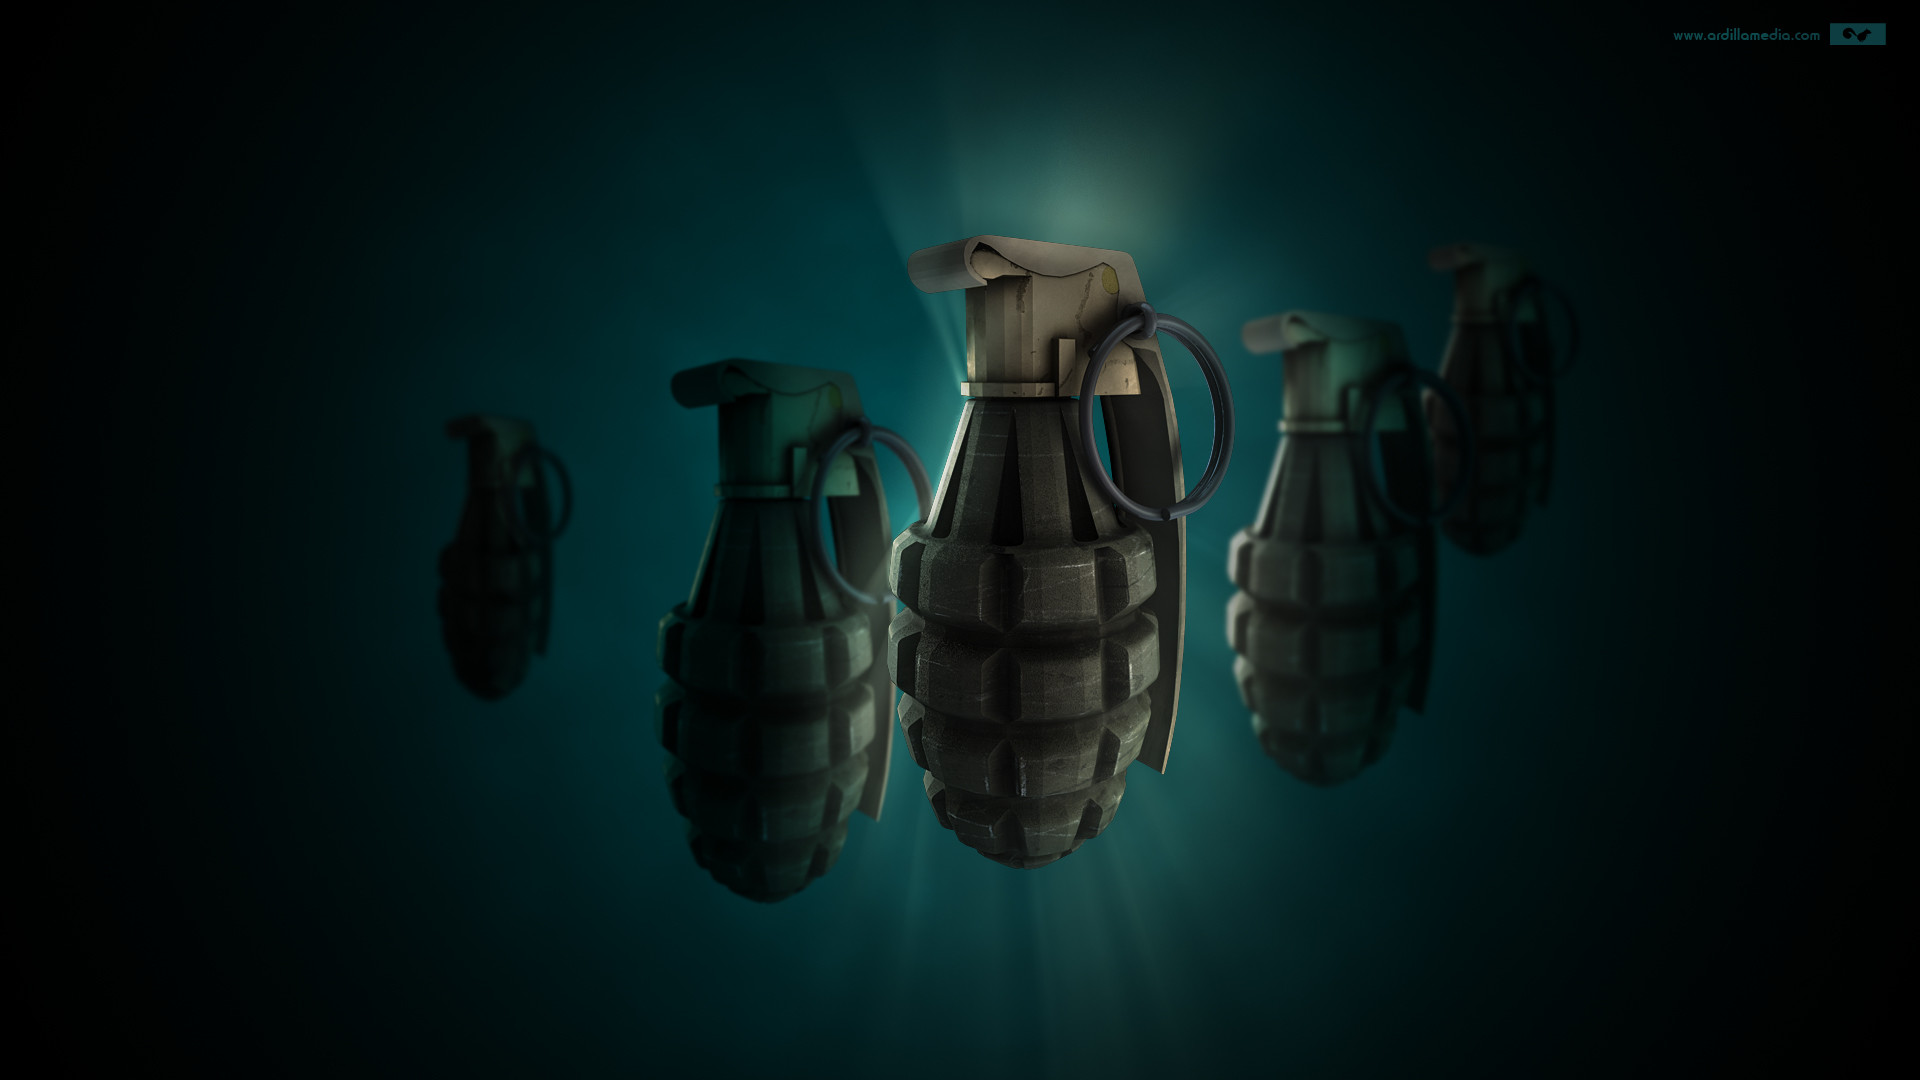 Hand Grenade wallpaper – 190585